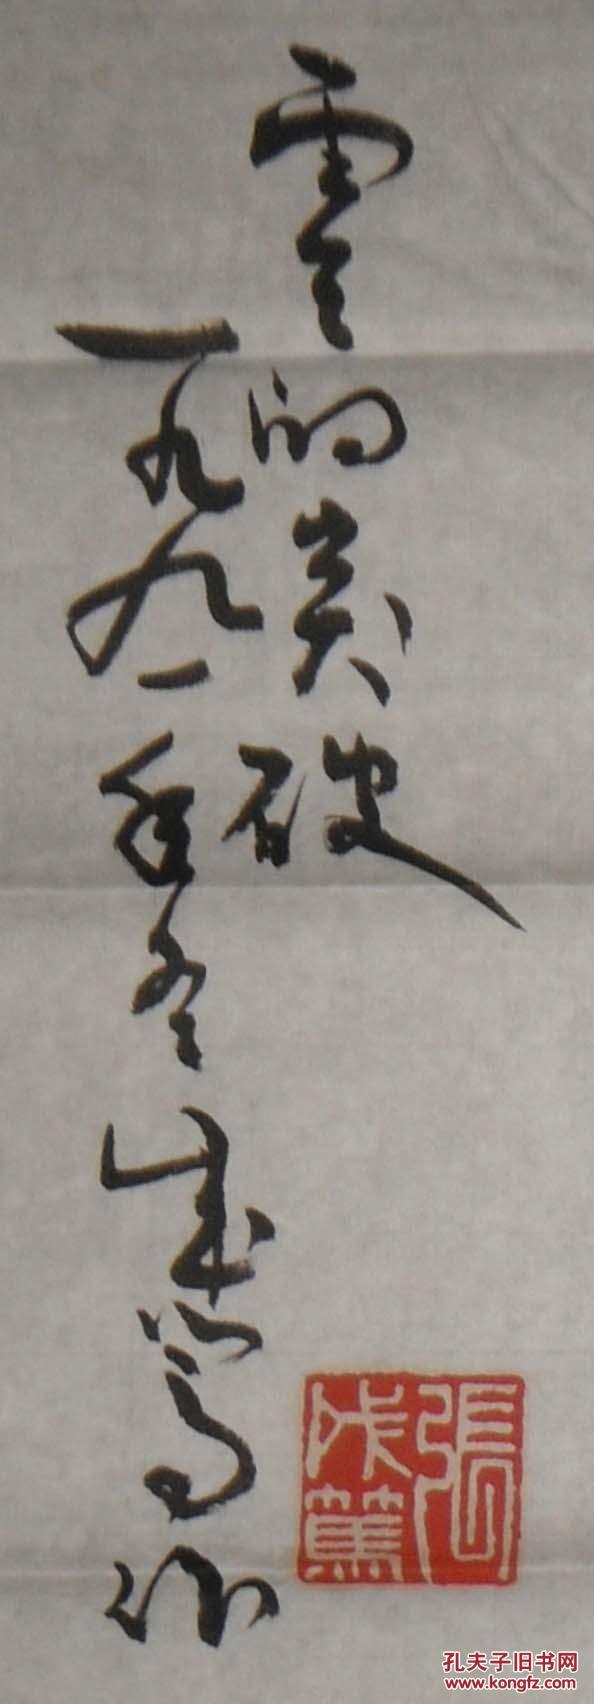 8195广东饶平国家一级书法家张成笃字1张,尺寸103*50厘米左右图片